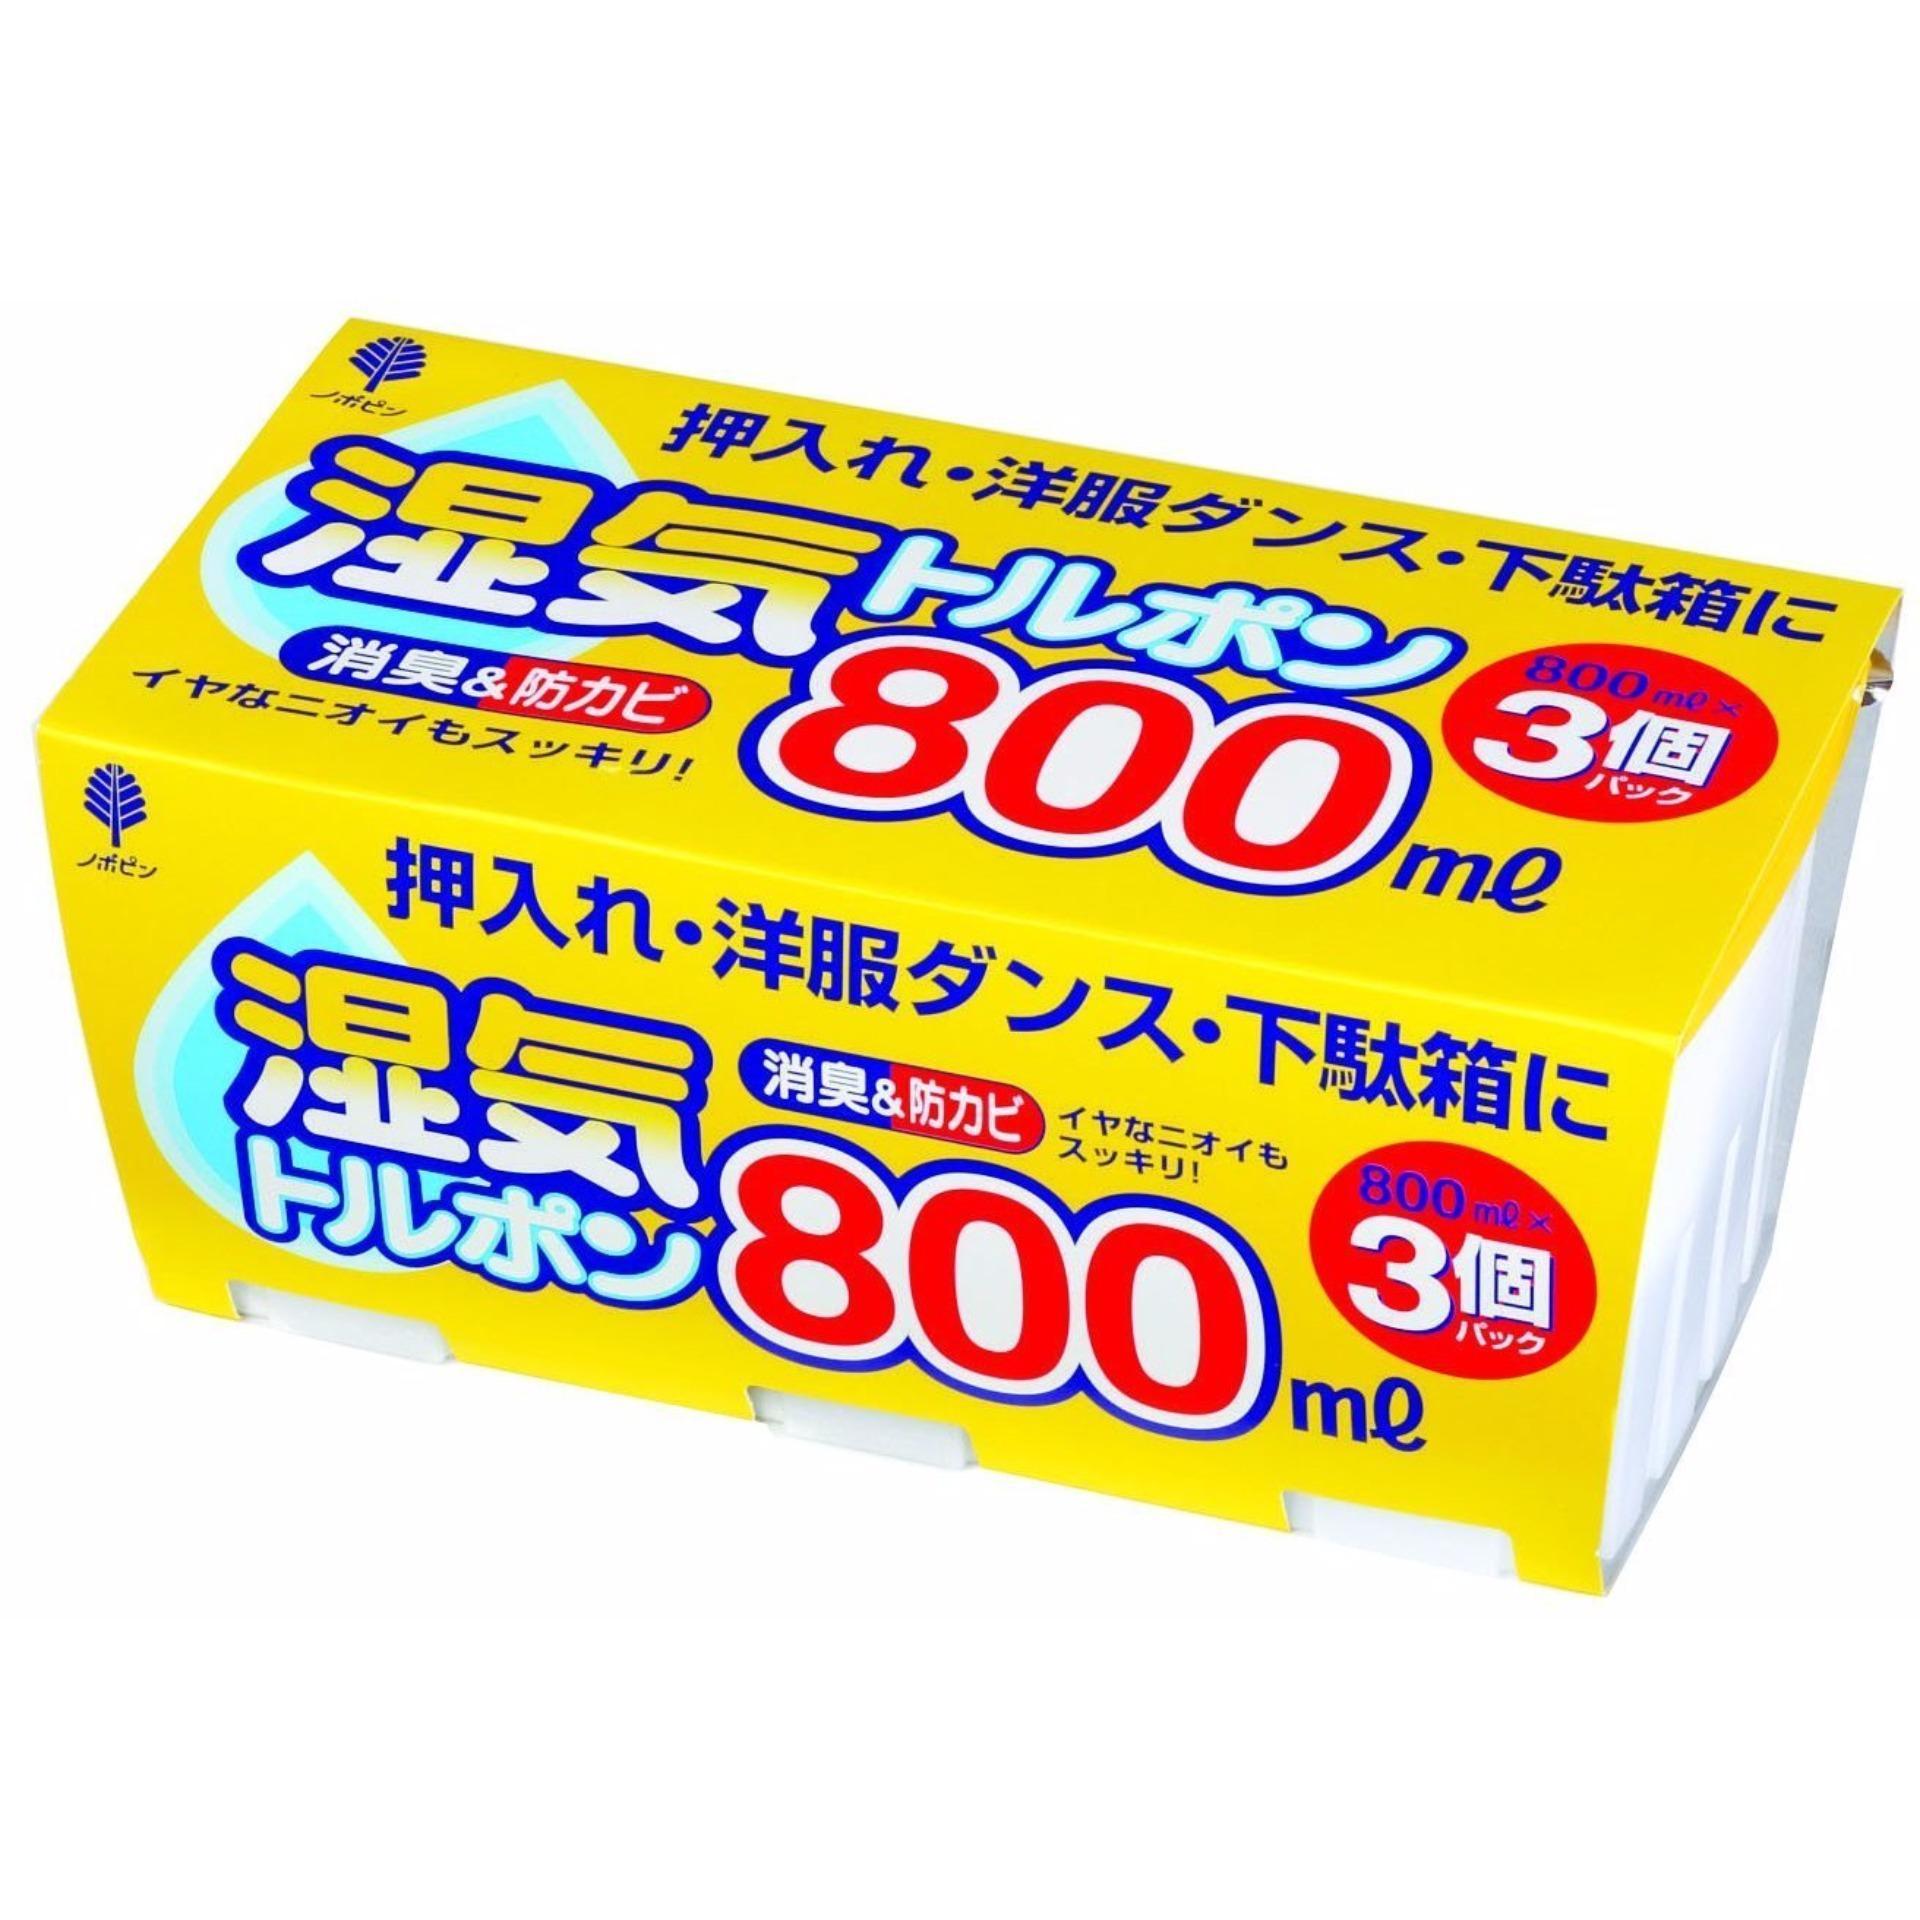 Nơi Bán Hộp hút ẩm cao cấp 800ml hàng nhập khẩu Nhật Bản